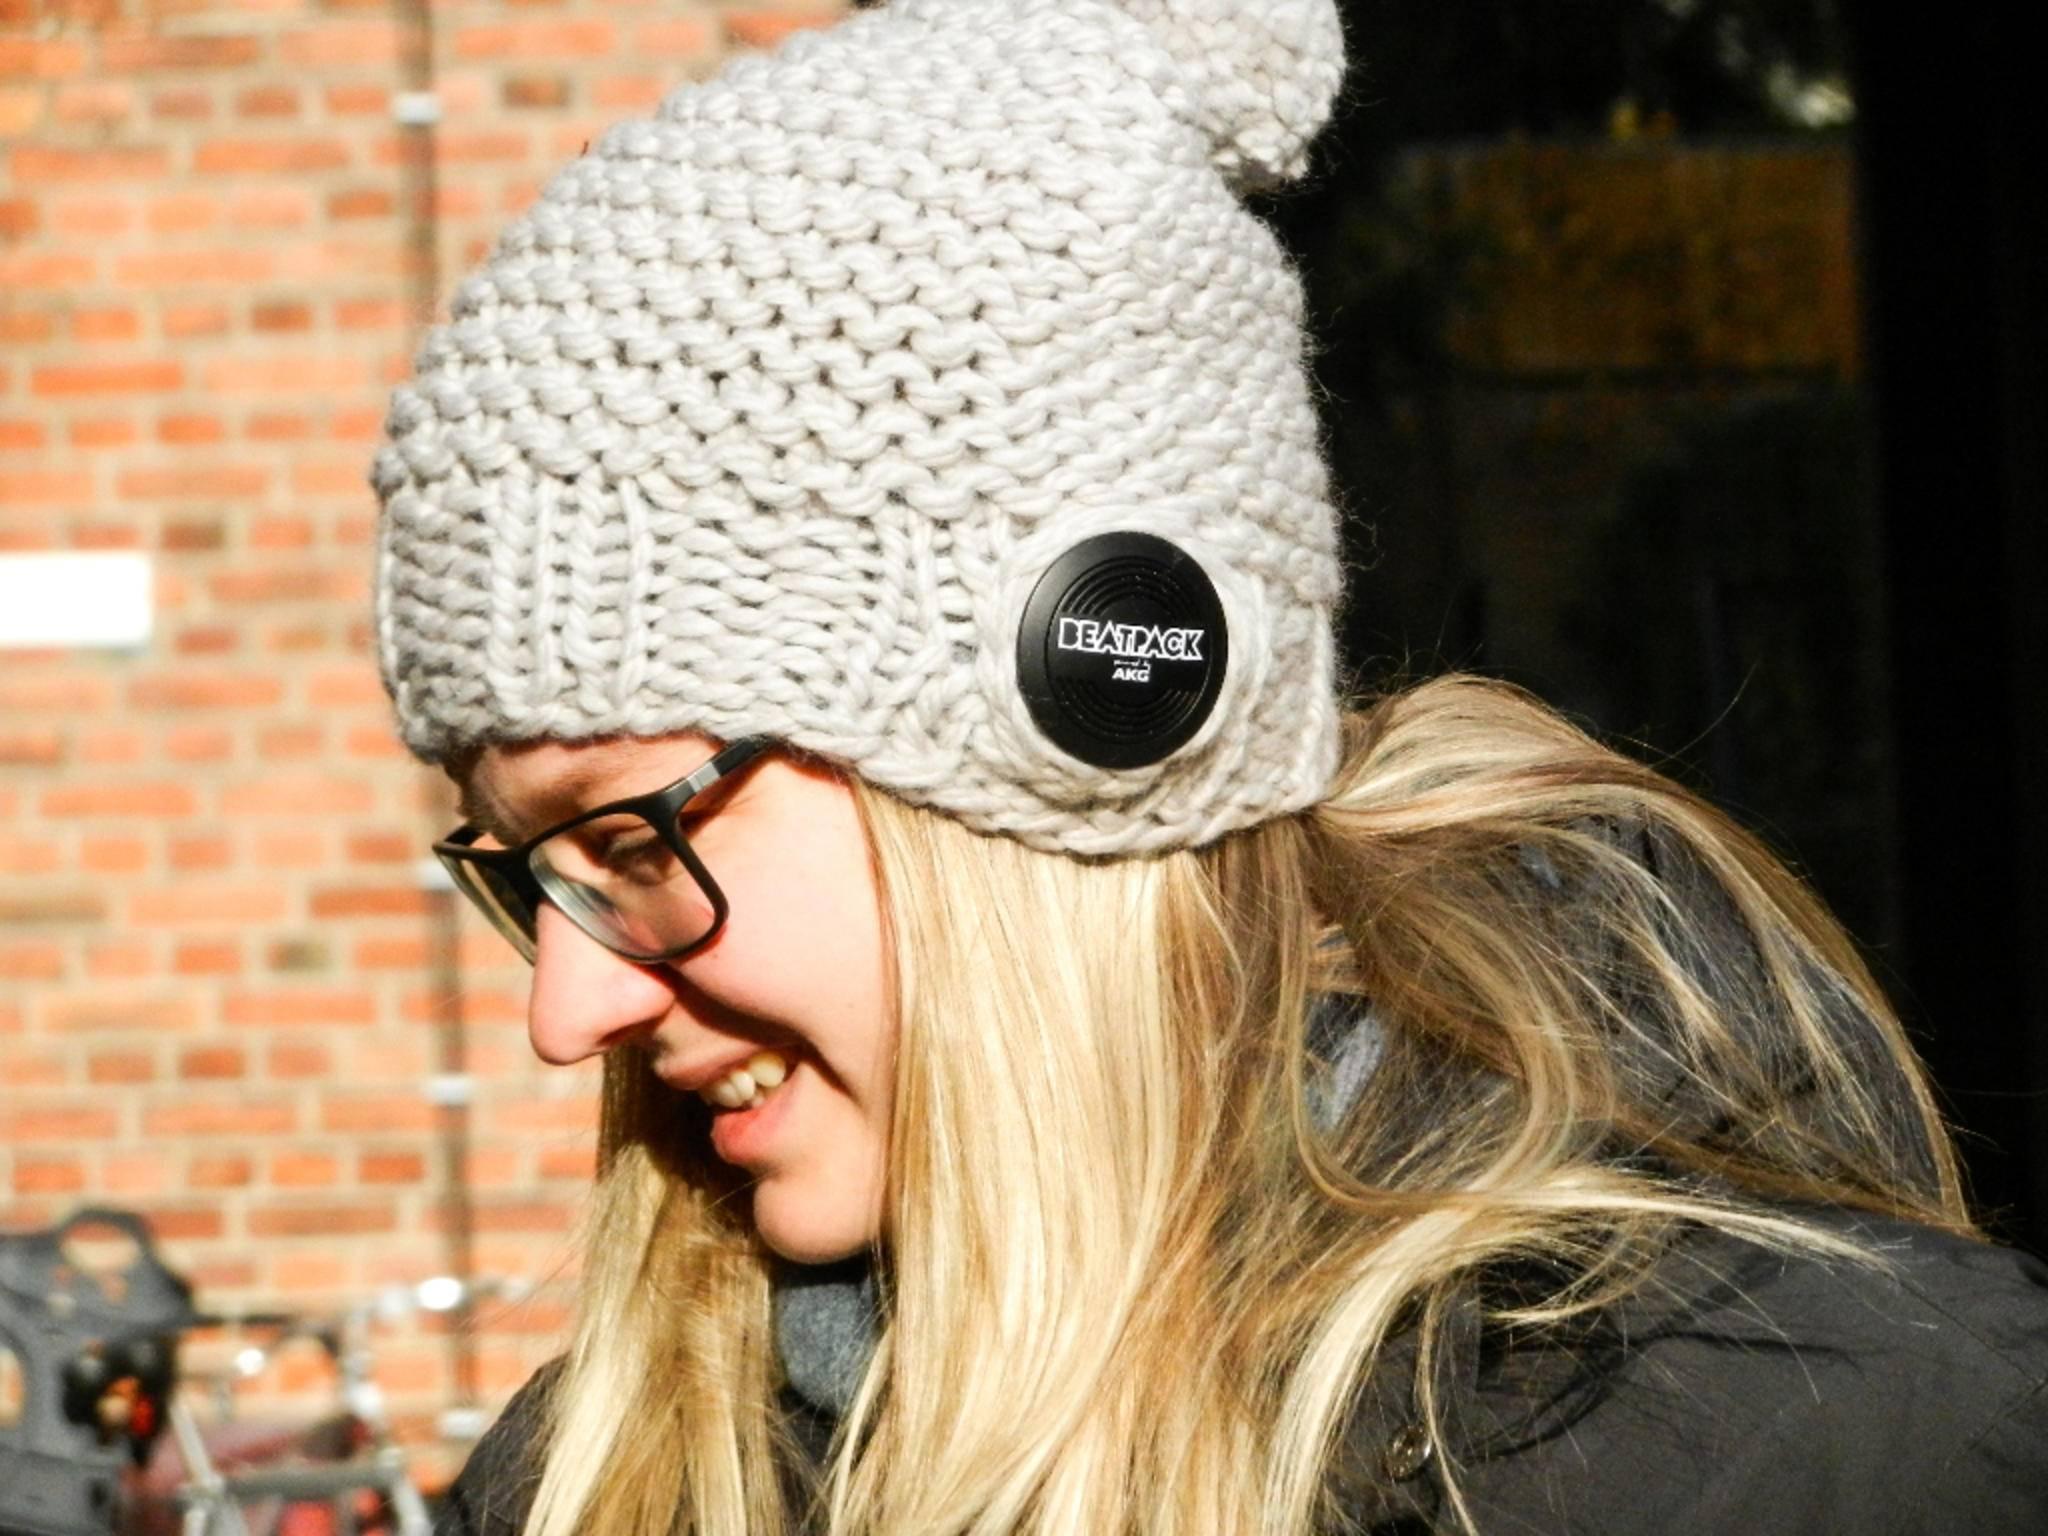 Besonders die warme Mütze mit Lautsprecher hat es Stefanie angetan.